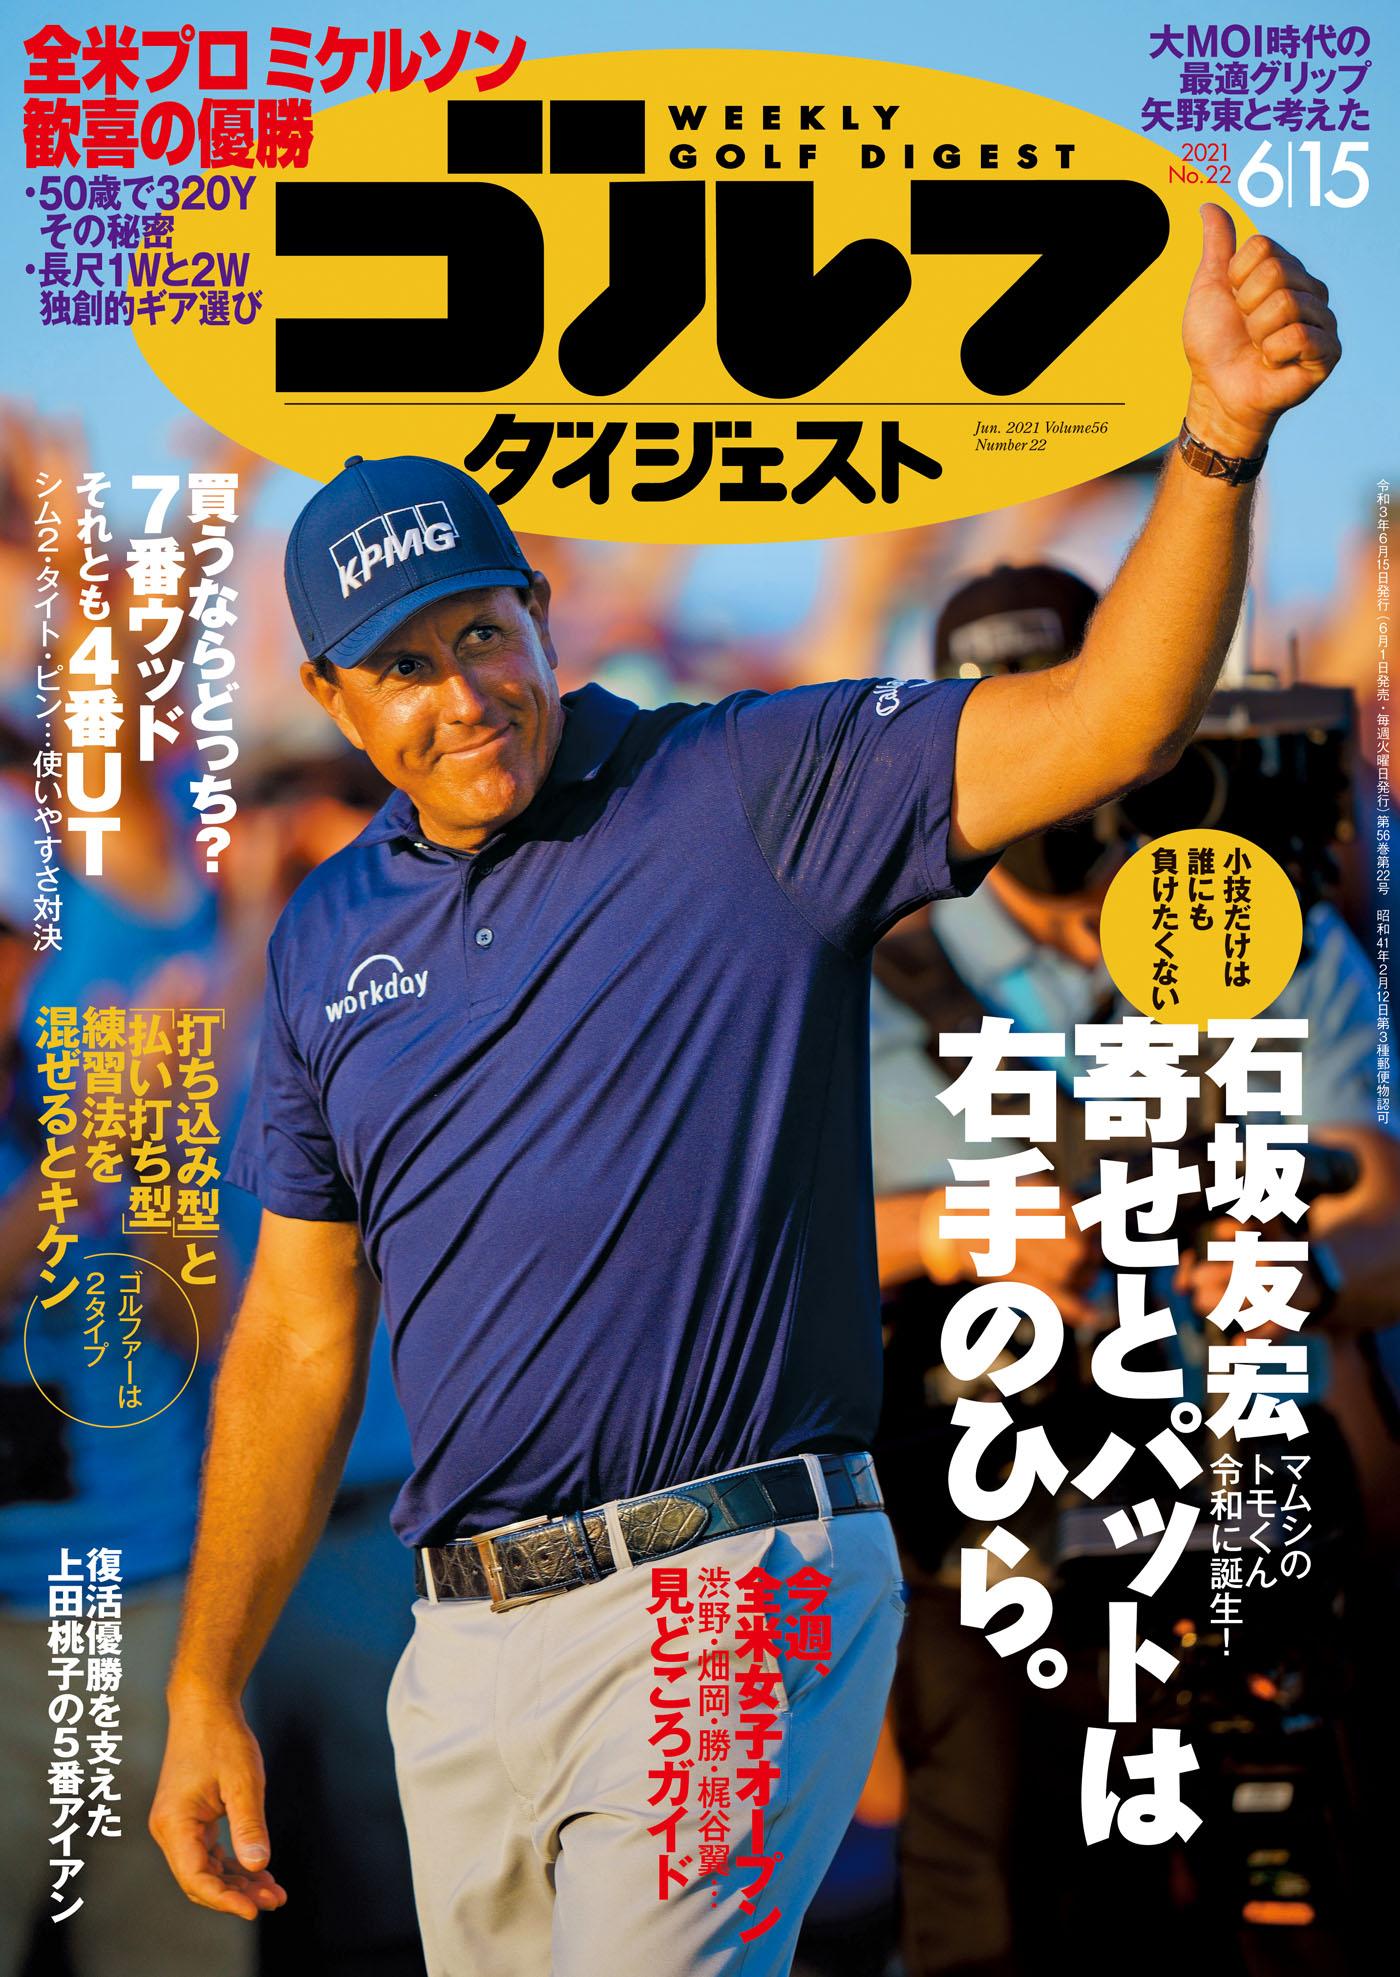 週刊ゴルフダイジェスト2021年6月15日号